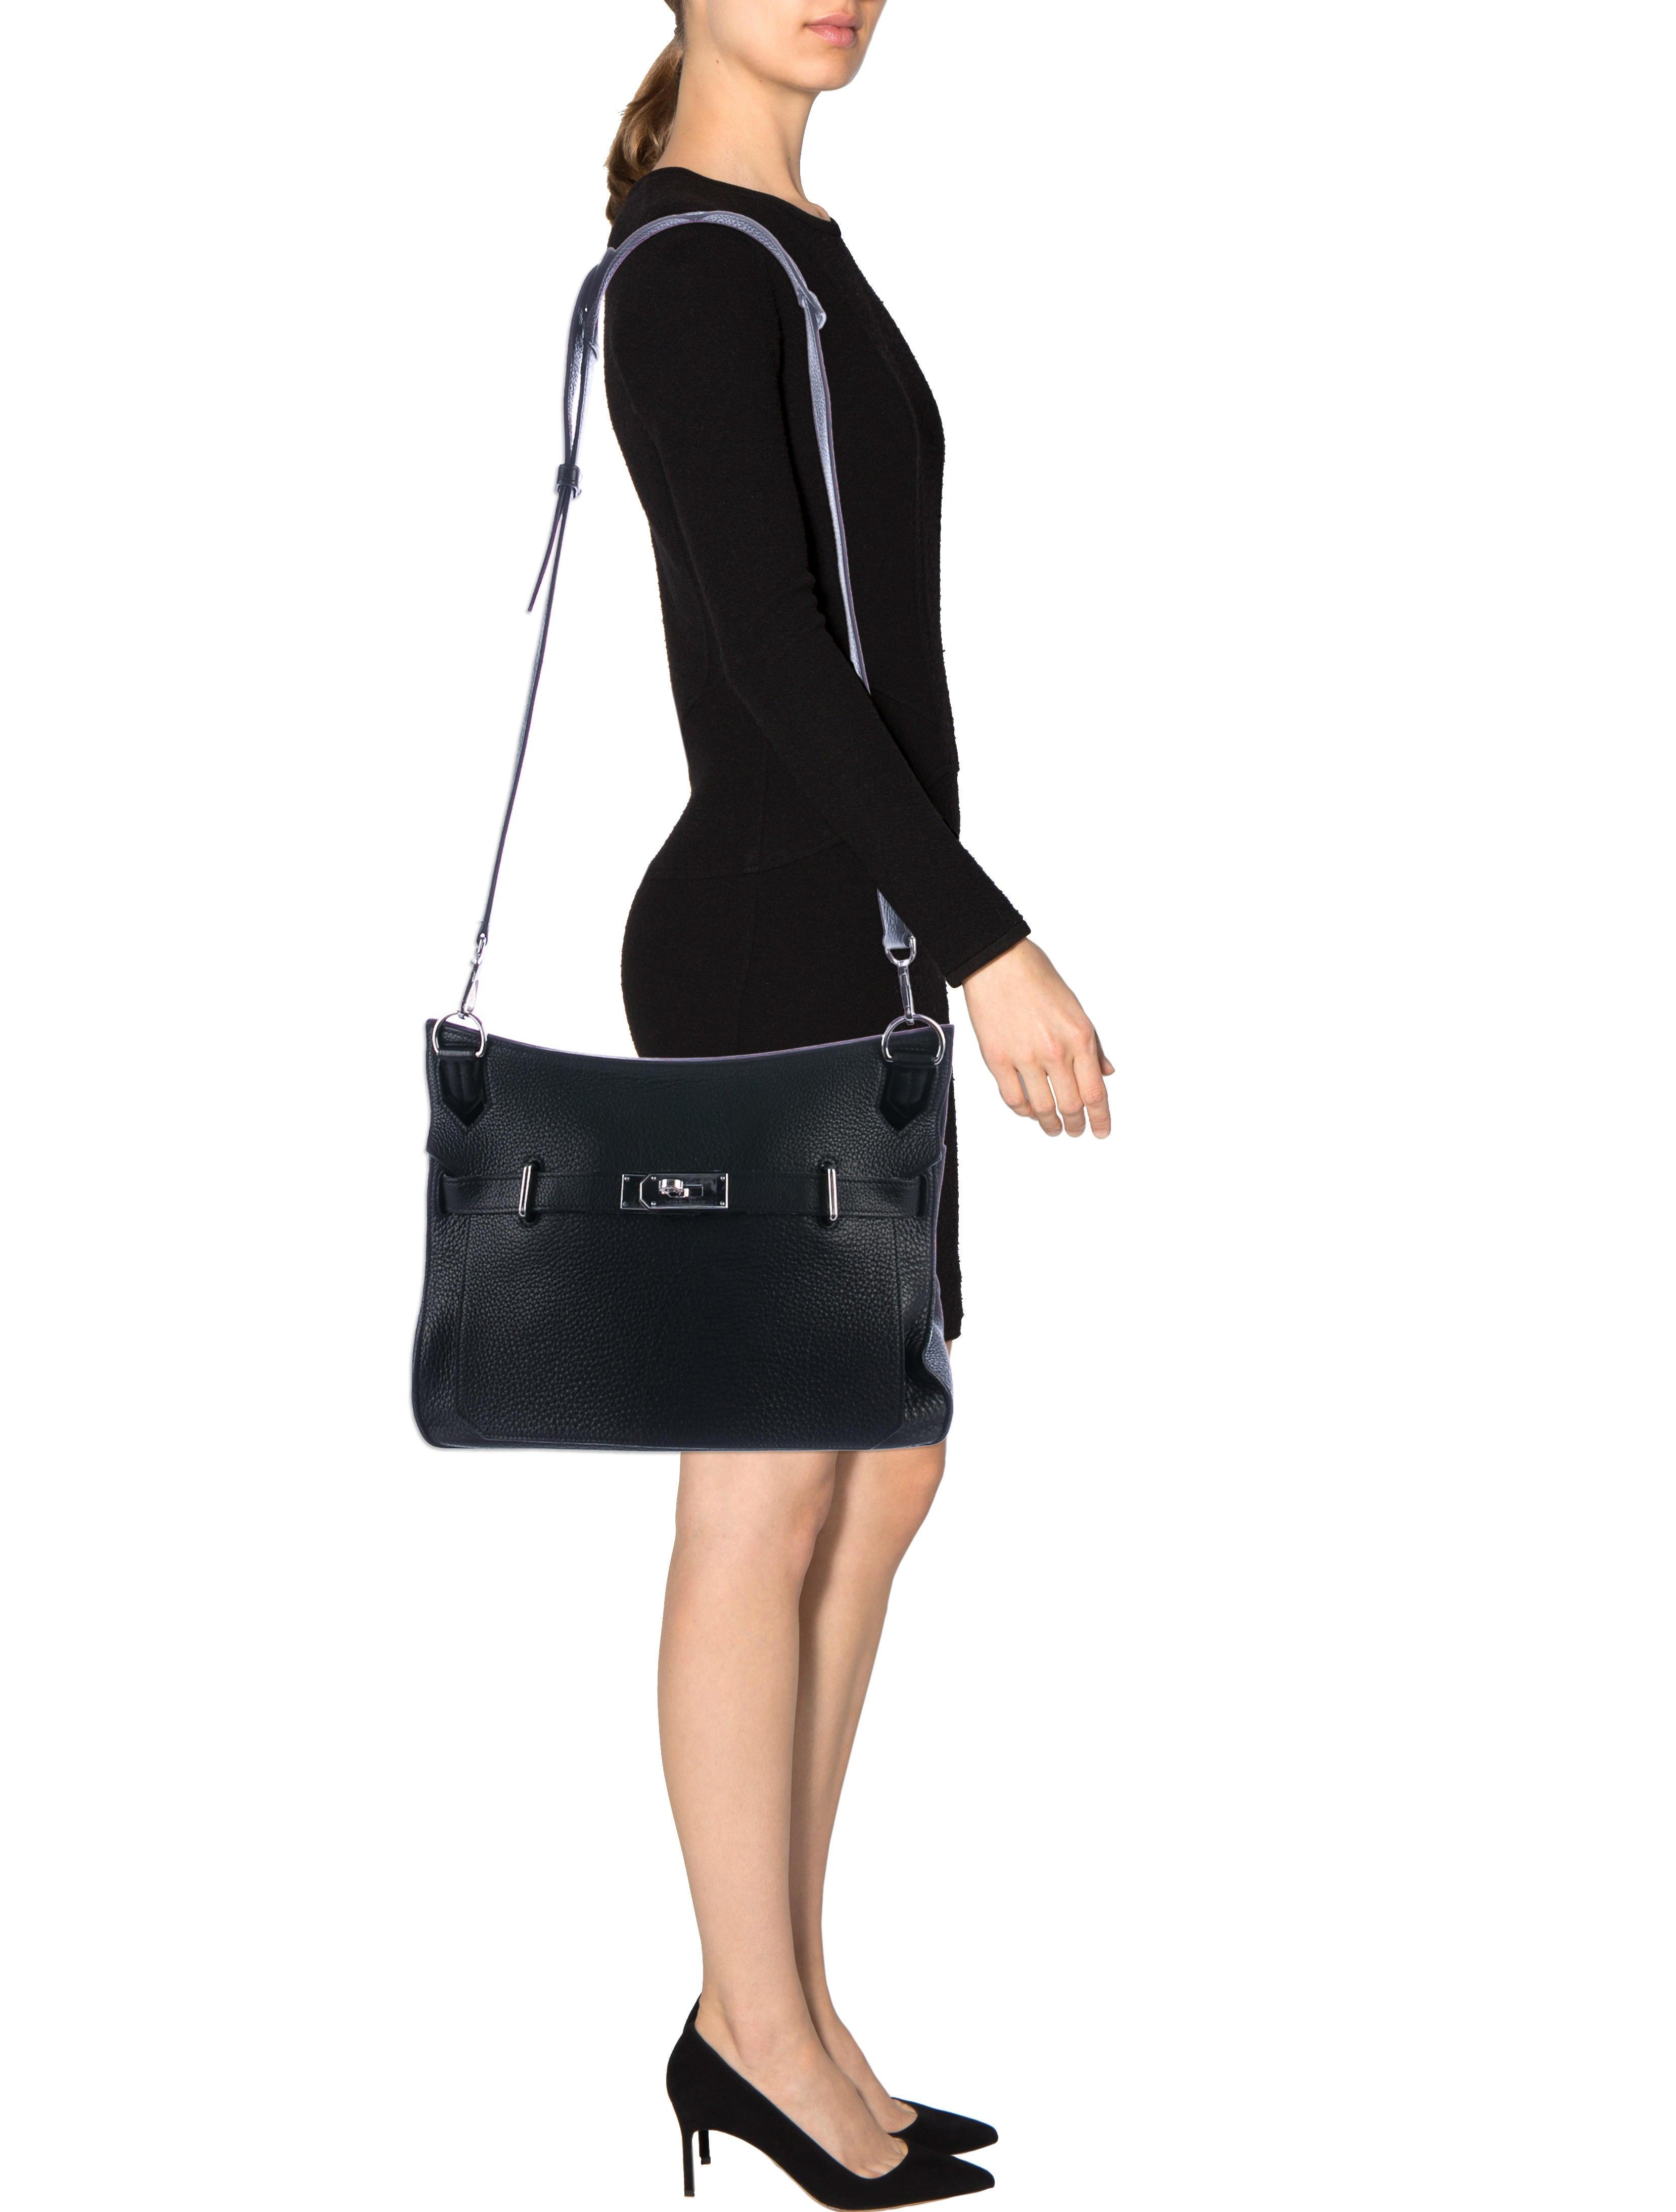 Hermès Clemence Jypsiere 34 - Handbags - HER107490  ba6eb6ba9b